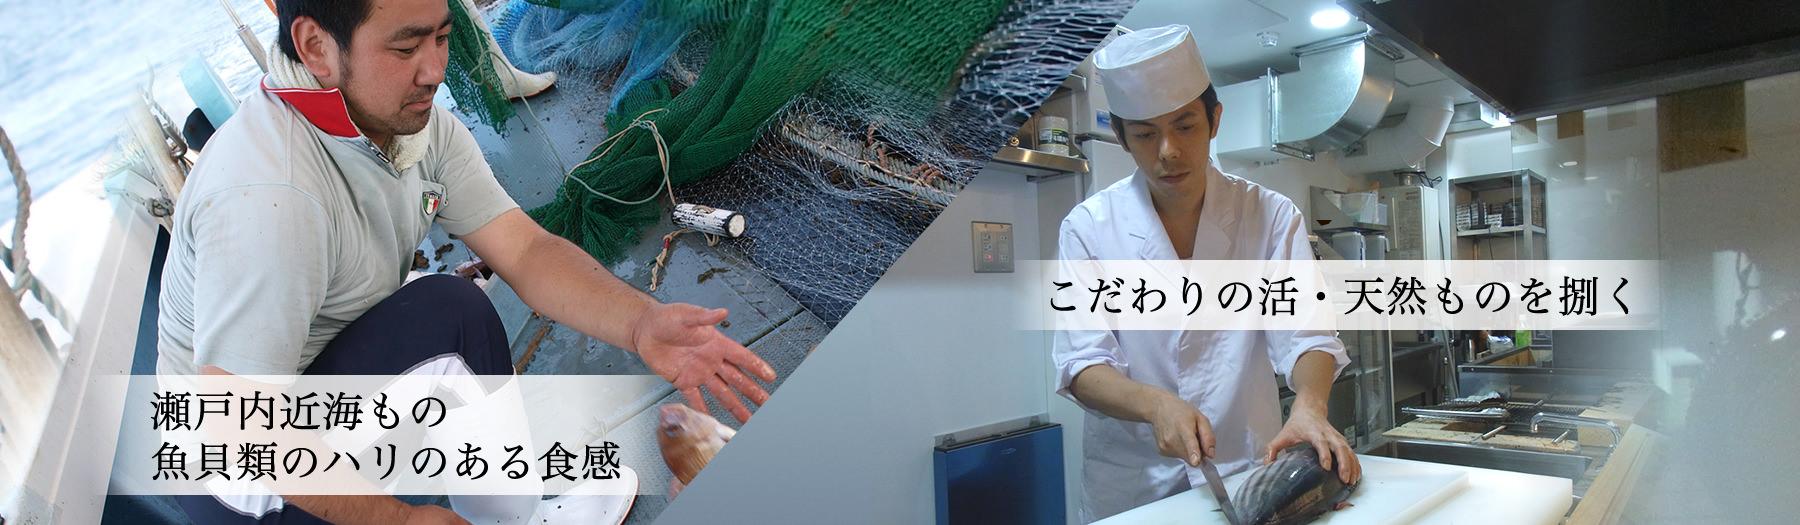 瀬戸内近海もの、魚介類のハリのある触感。こだわりの活・天然ものを捌く